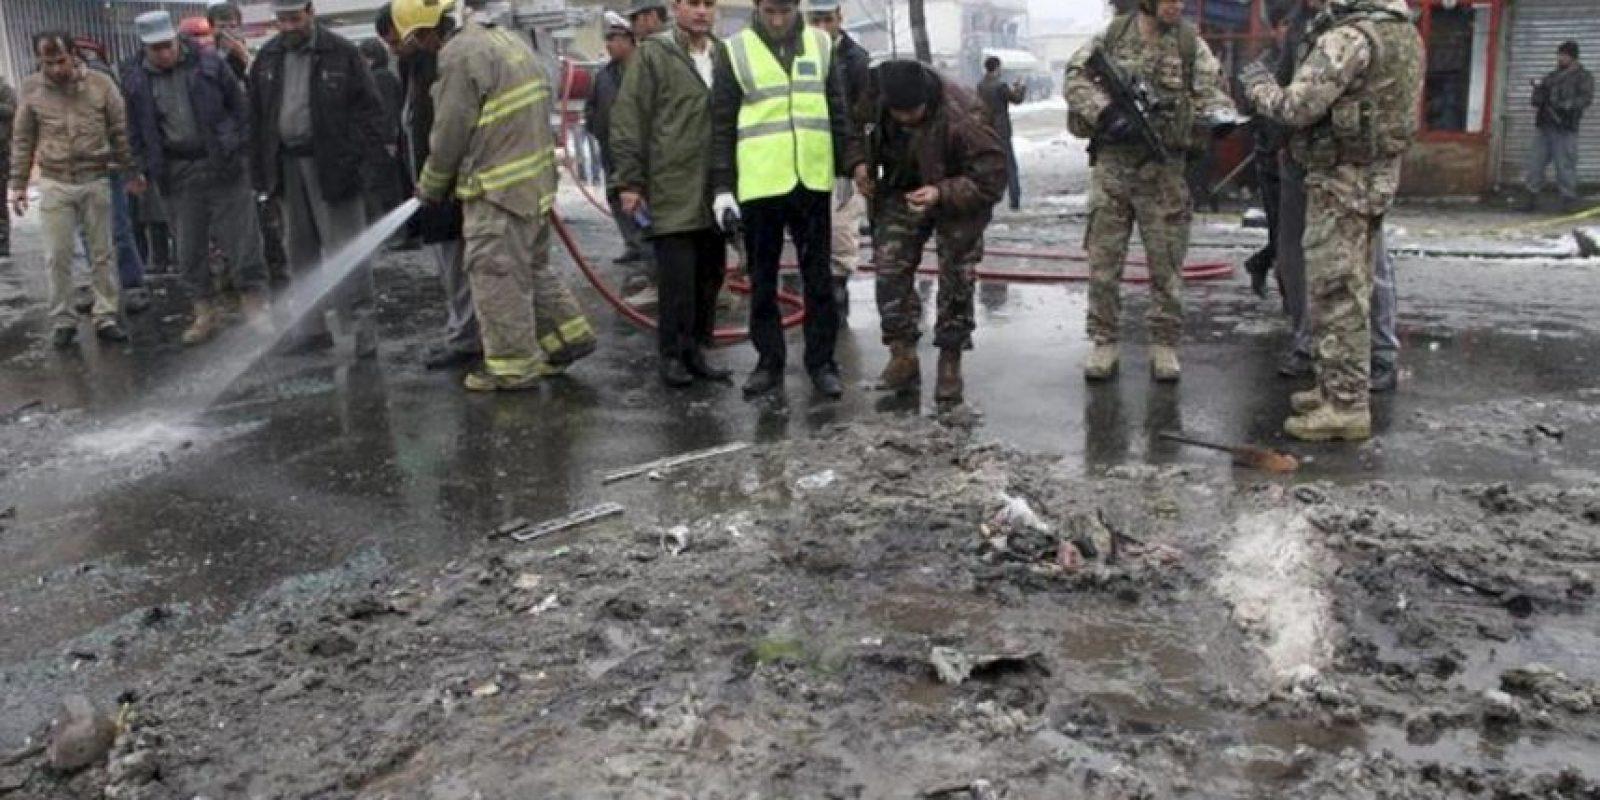 Oficiales afganos y soldados estadounidenses de la Fuerza Internacional de Asistencia a la Seguridad en Afganistán (ISAF) de la OTAN inspeccionan el escenario de un atentado contra un autobús del Ejército Nacional Afgano en Kabul, Afganistán, hoy miércoles 27 de febrero de 2013. EFE